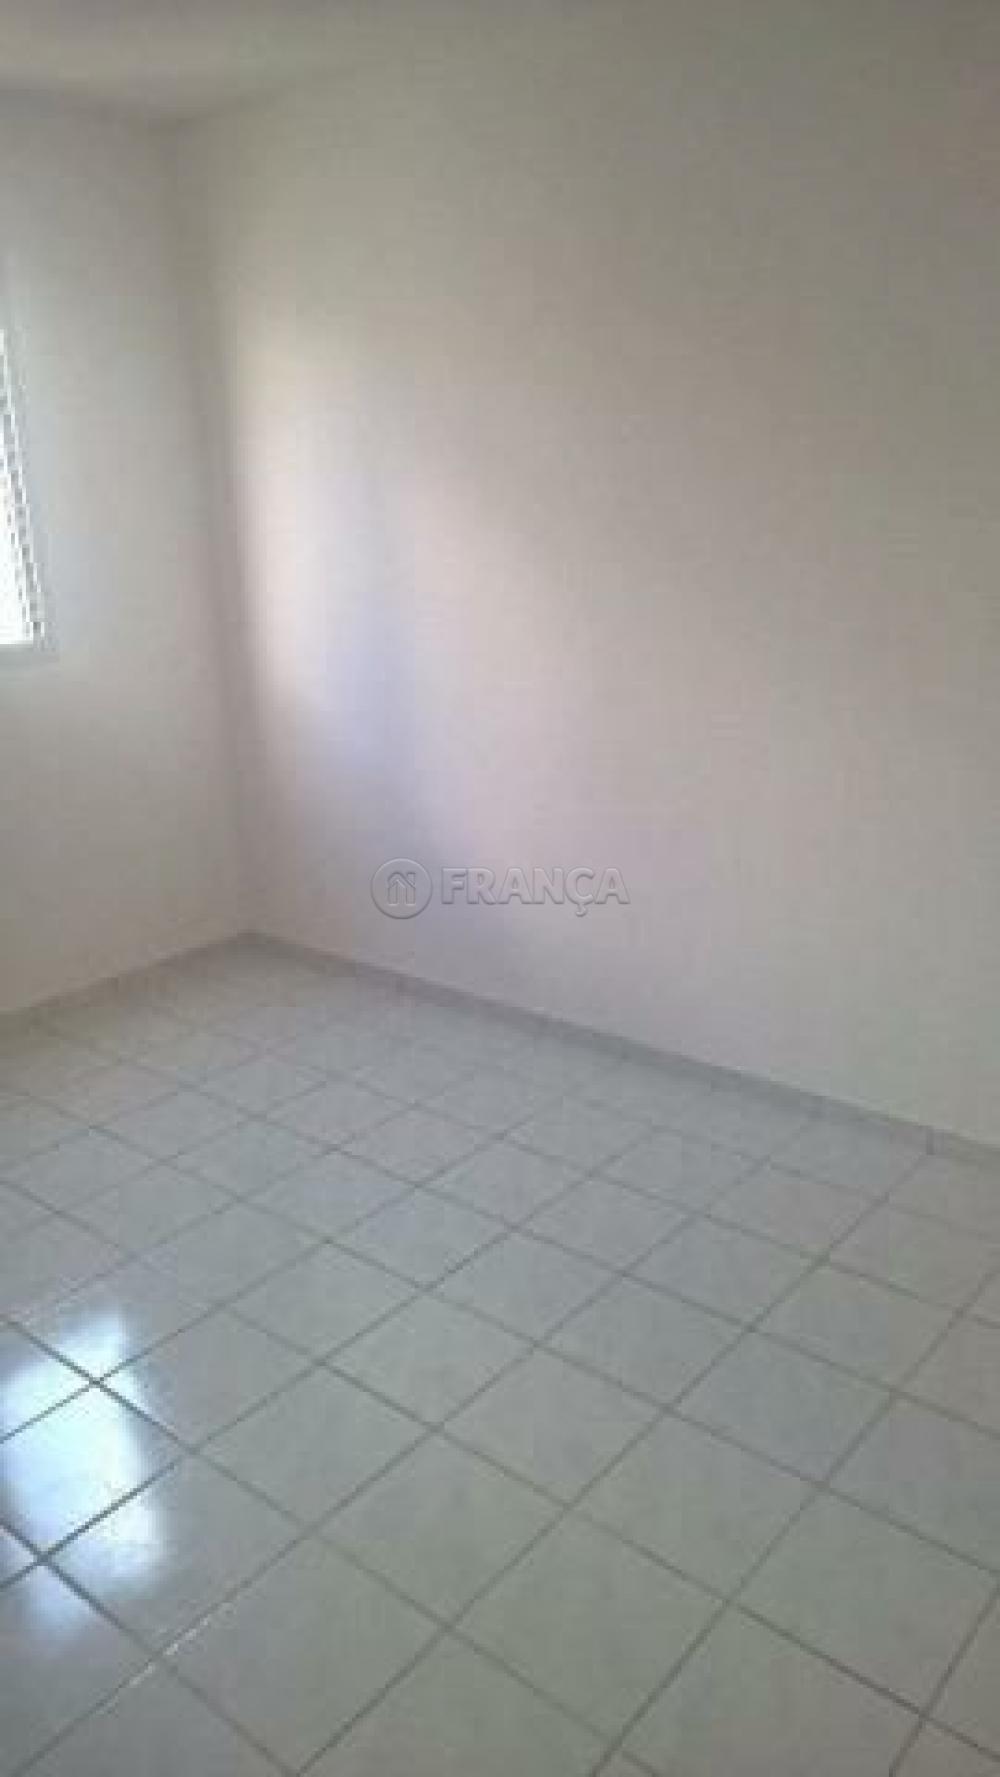 Comprar Apartamento / Padrão em São José dos Campos apenas R$ 180.000,00 - Foto 6